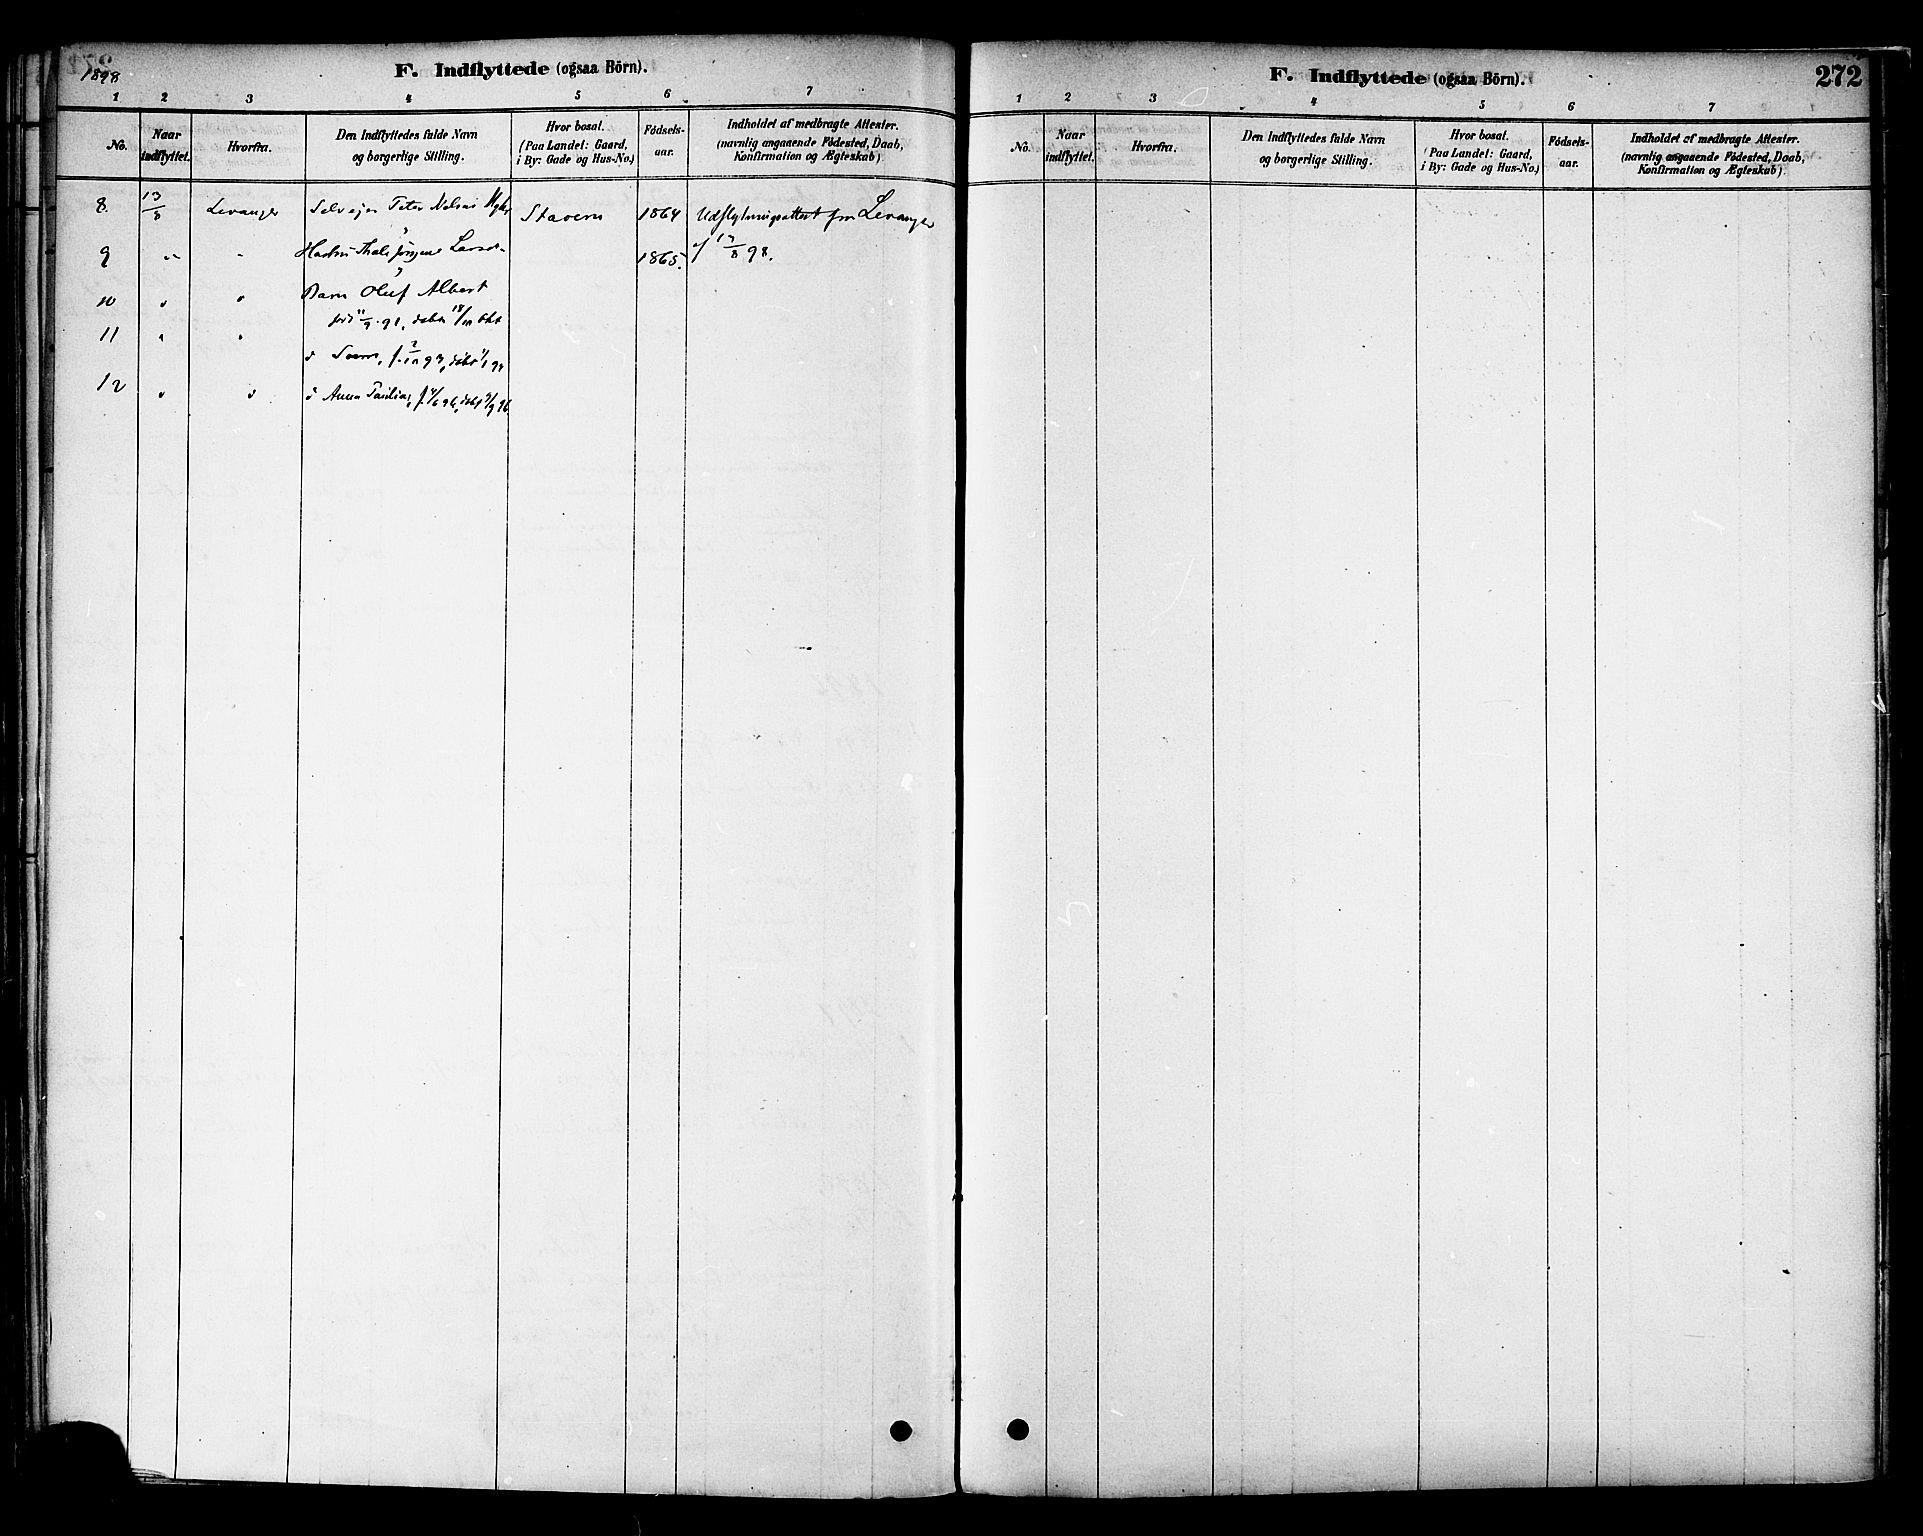 SAT, Ministerialprotokoller, klokkerbøker og fødselsregistre - Nord-Trøndelag, 717/L0159: Ministerialbok nr. 717A09, 1878-1898, s. 272